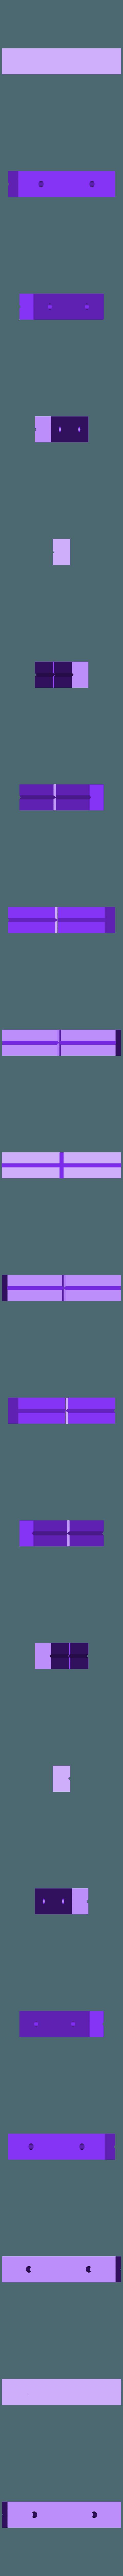 grip-vise.STL Télécharger fichier STL gratuit Etau pour Proxxon MF70 MF70 • Design à imprimer en 3D, perinski